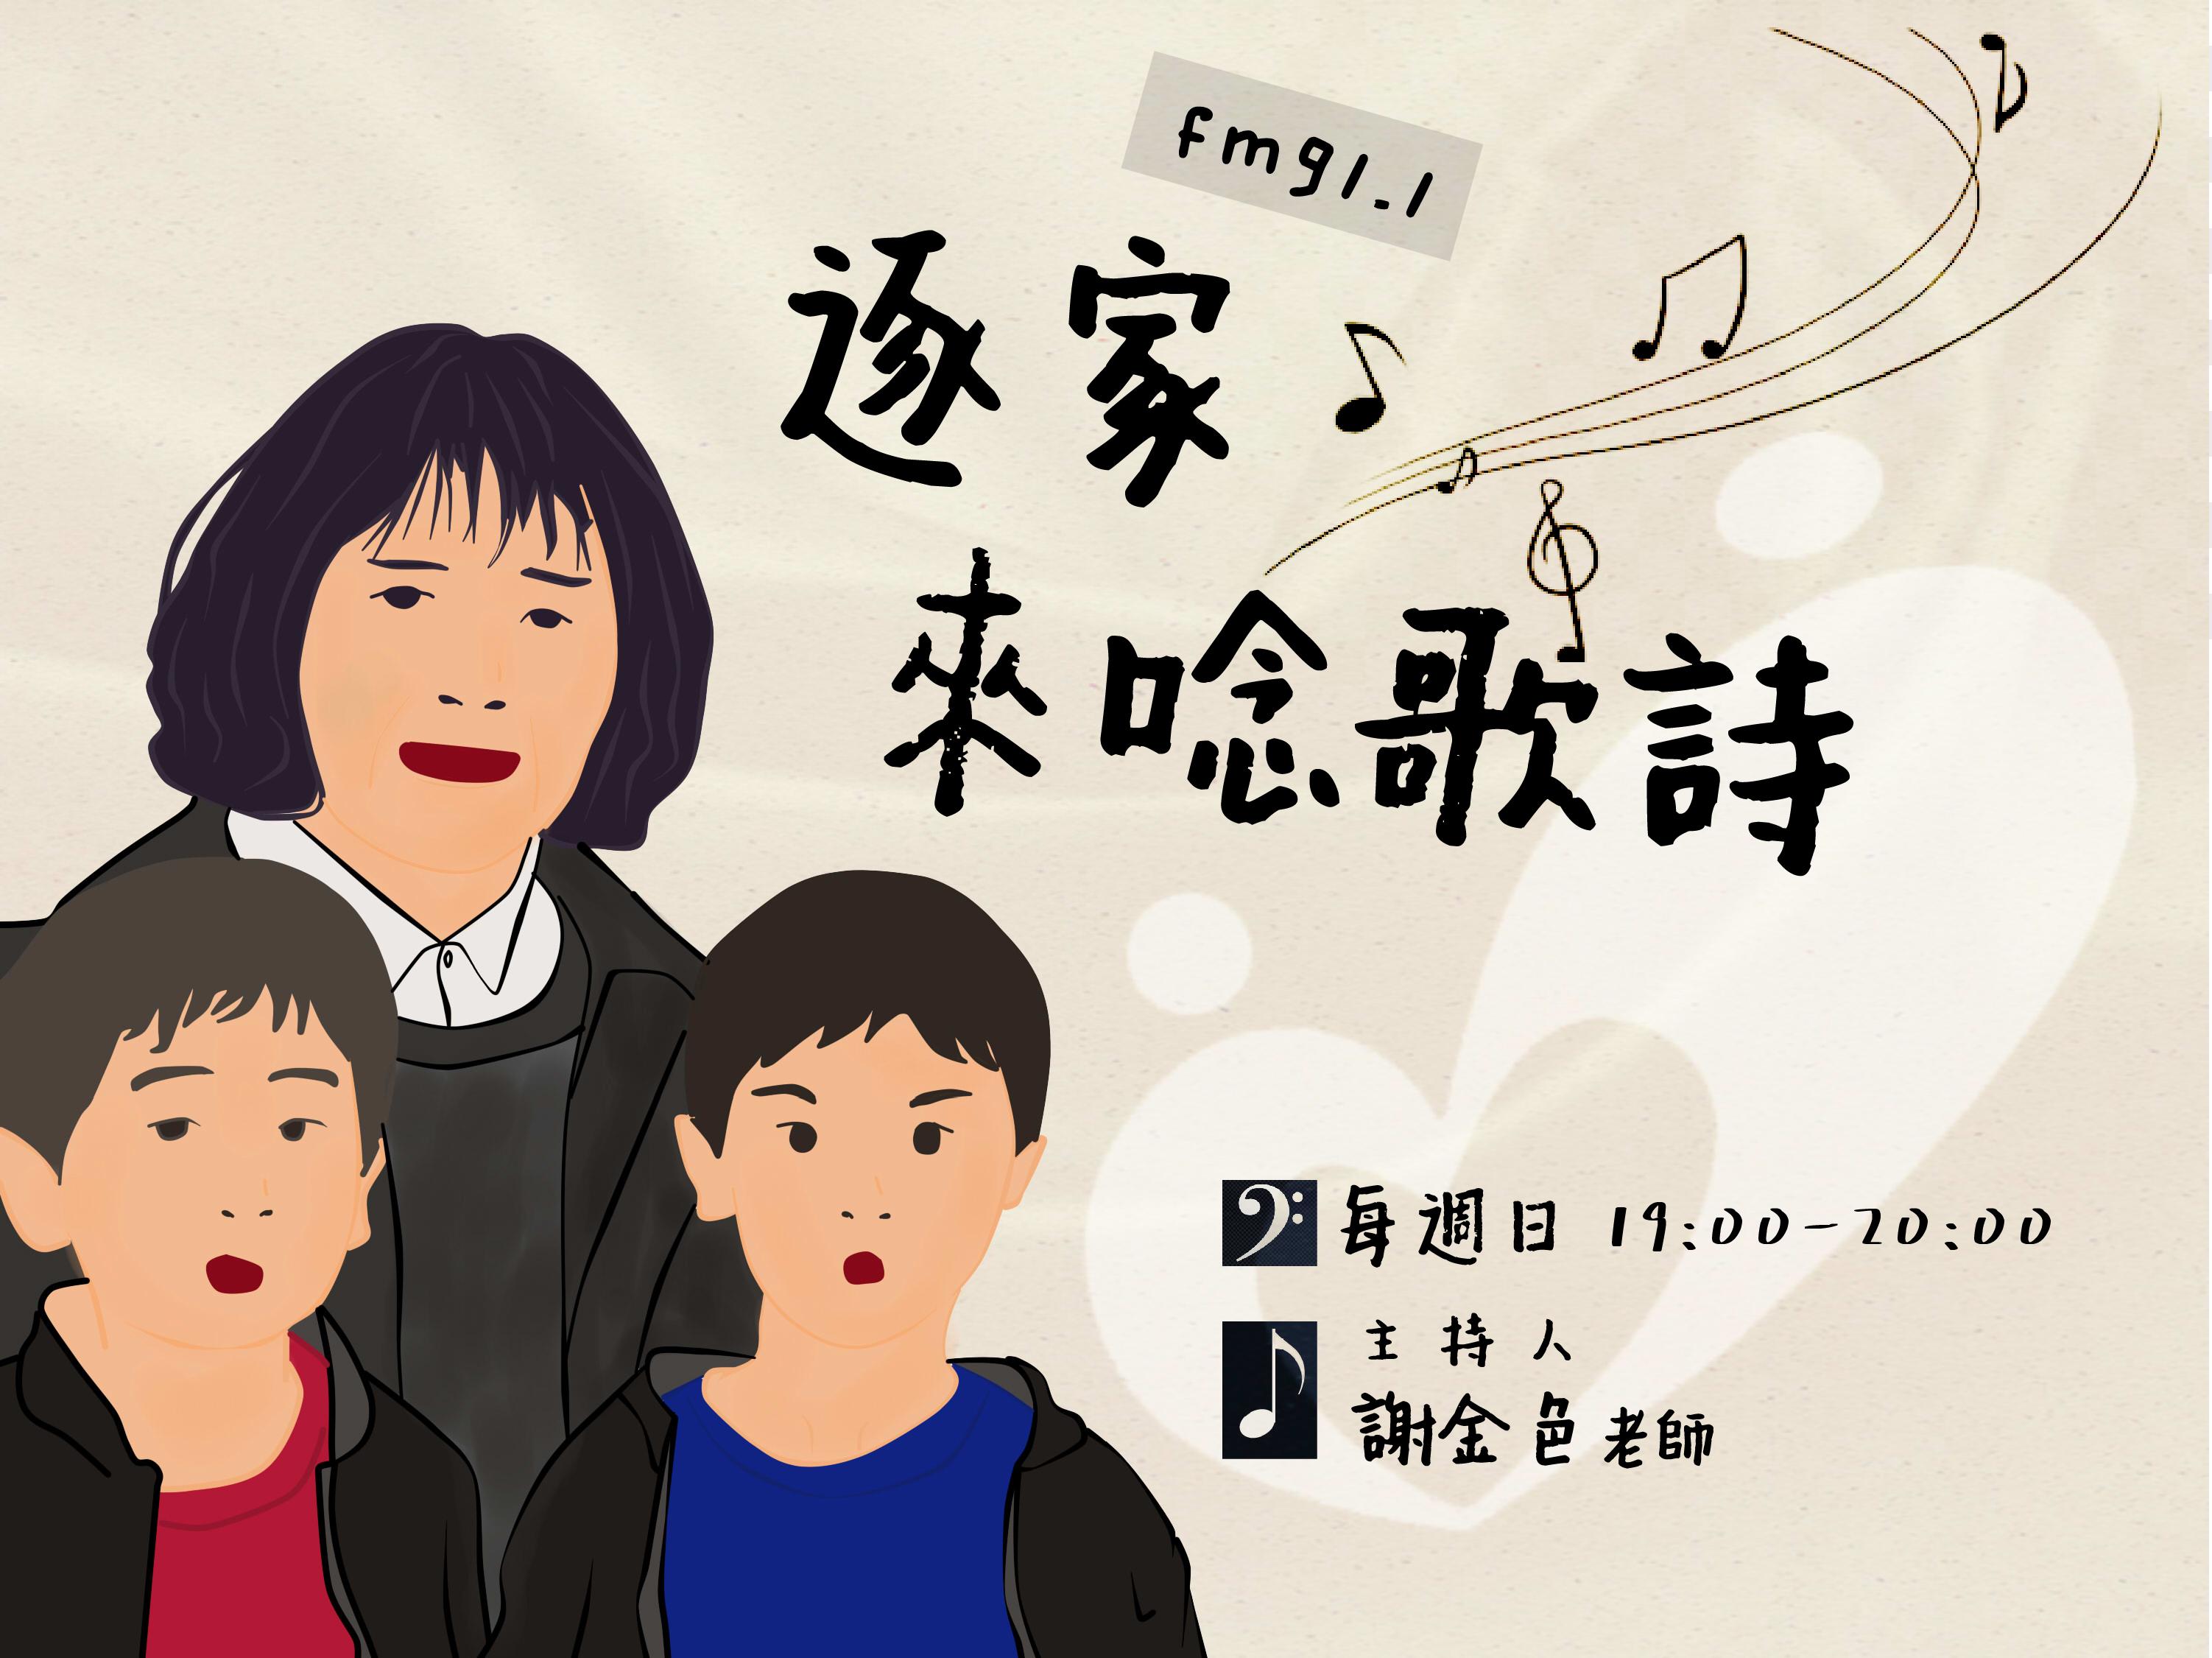 2021/05/02  逐家來唸歌詩